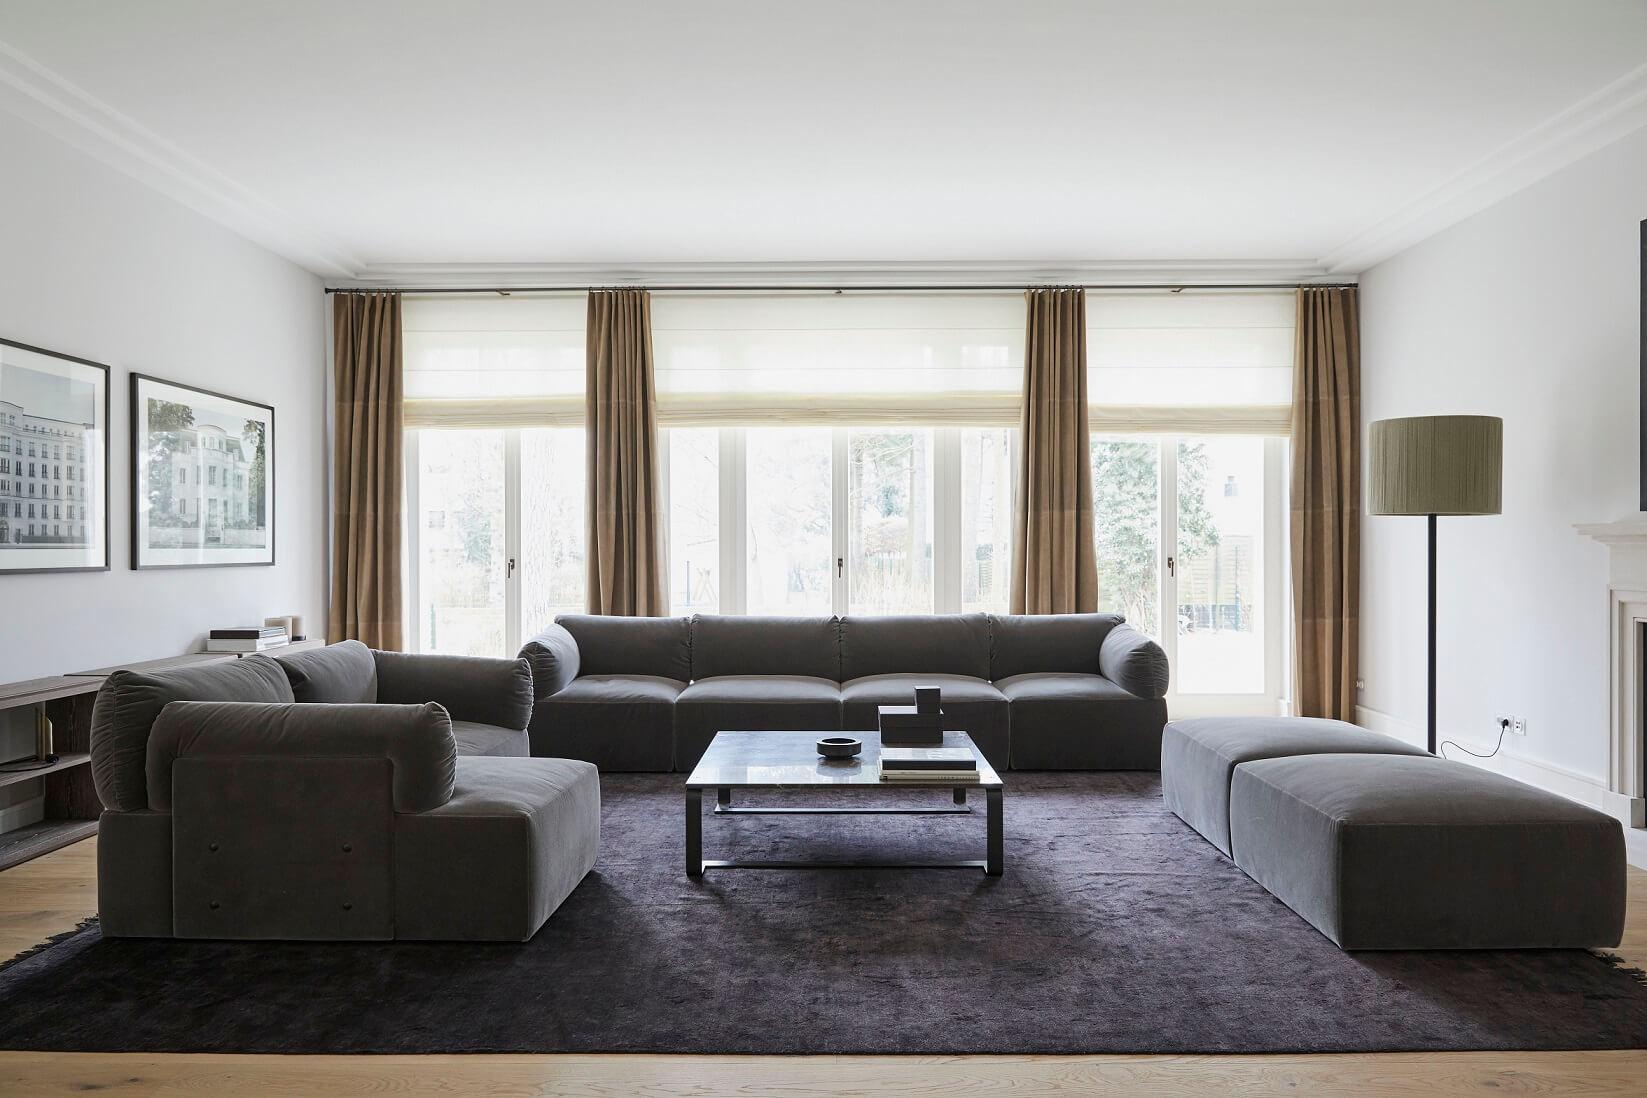 Showroom Exklusivem Interieur Design | Neuer Exklusiver Showroom In Berlin Grunewald Ralf Schmitz Magazin